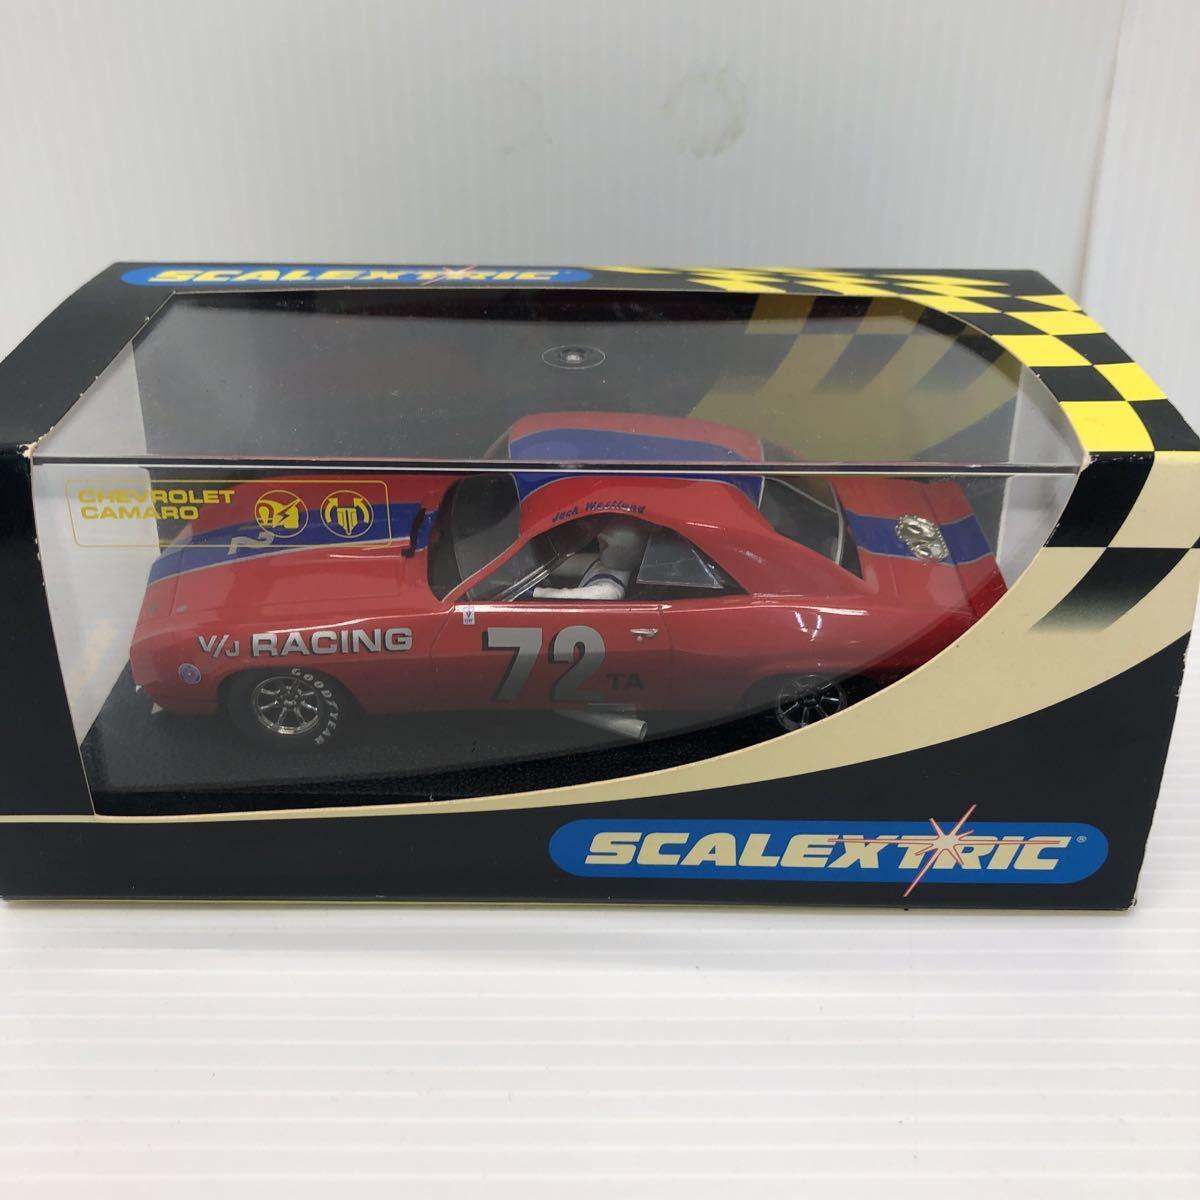 SCALEXTRIC スケーレックストリック Chevrolet CAMARO シボレー カマロ C2399 1969 NO6 スロットカー_画像2